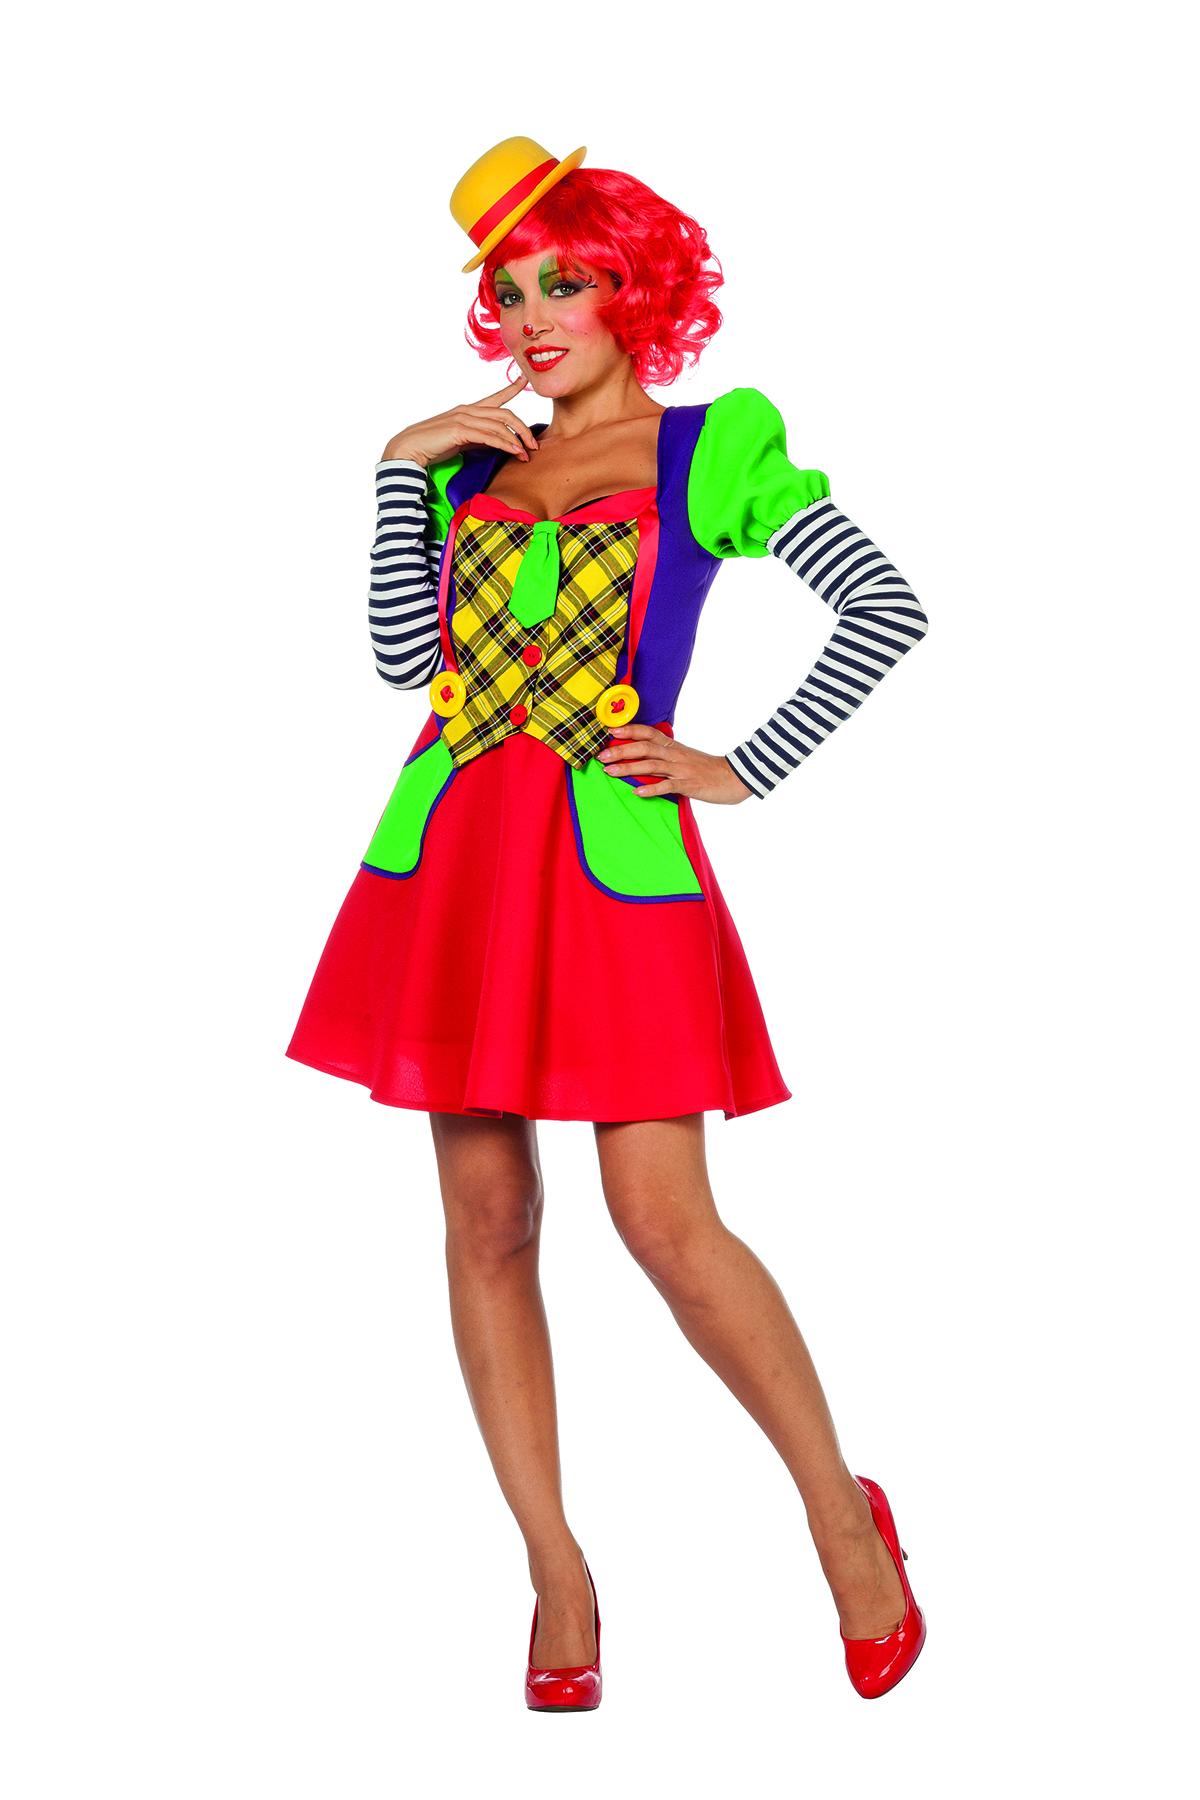 Clown dame paars/geel/rood